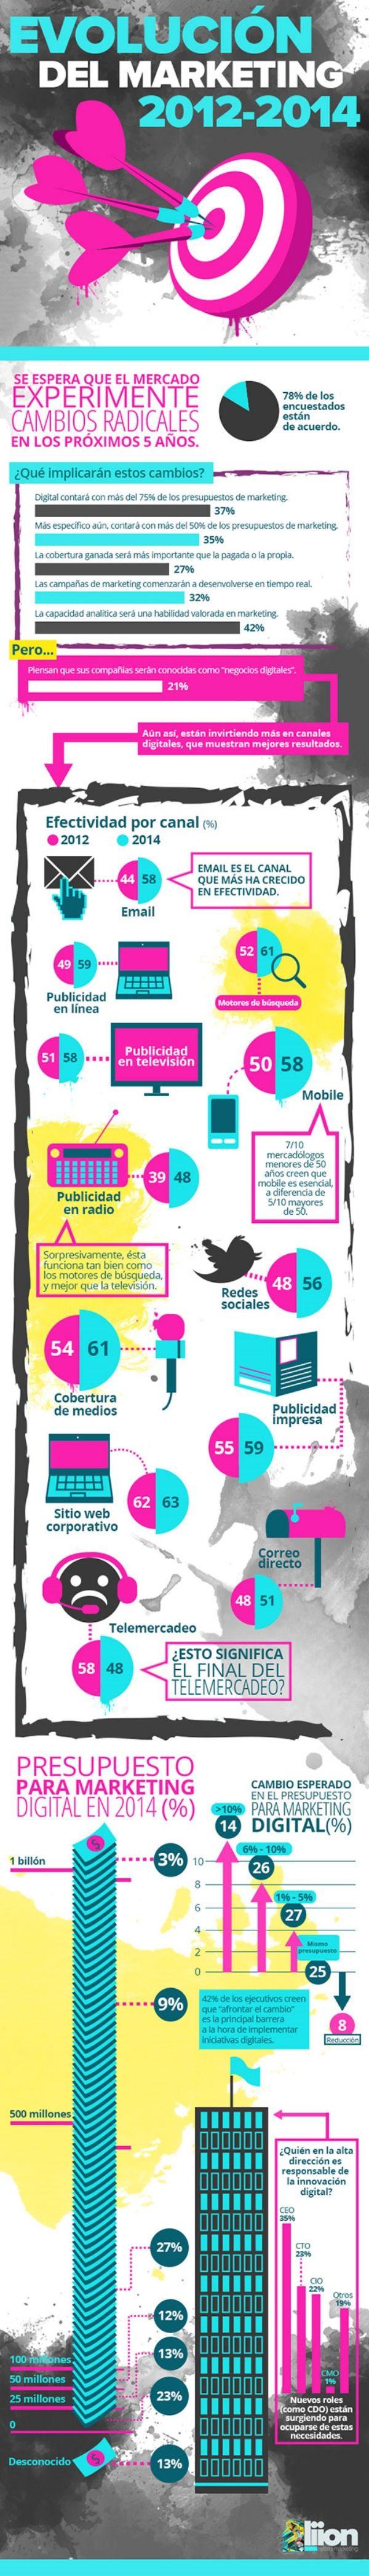 la-evolucion-del-marketing-2012-2014-83-411-994516-edited